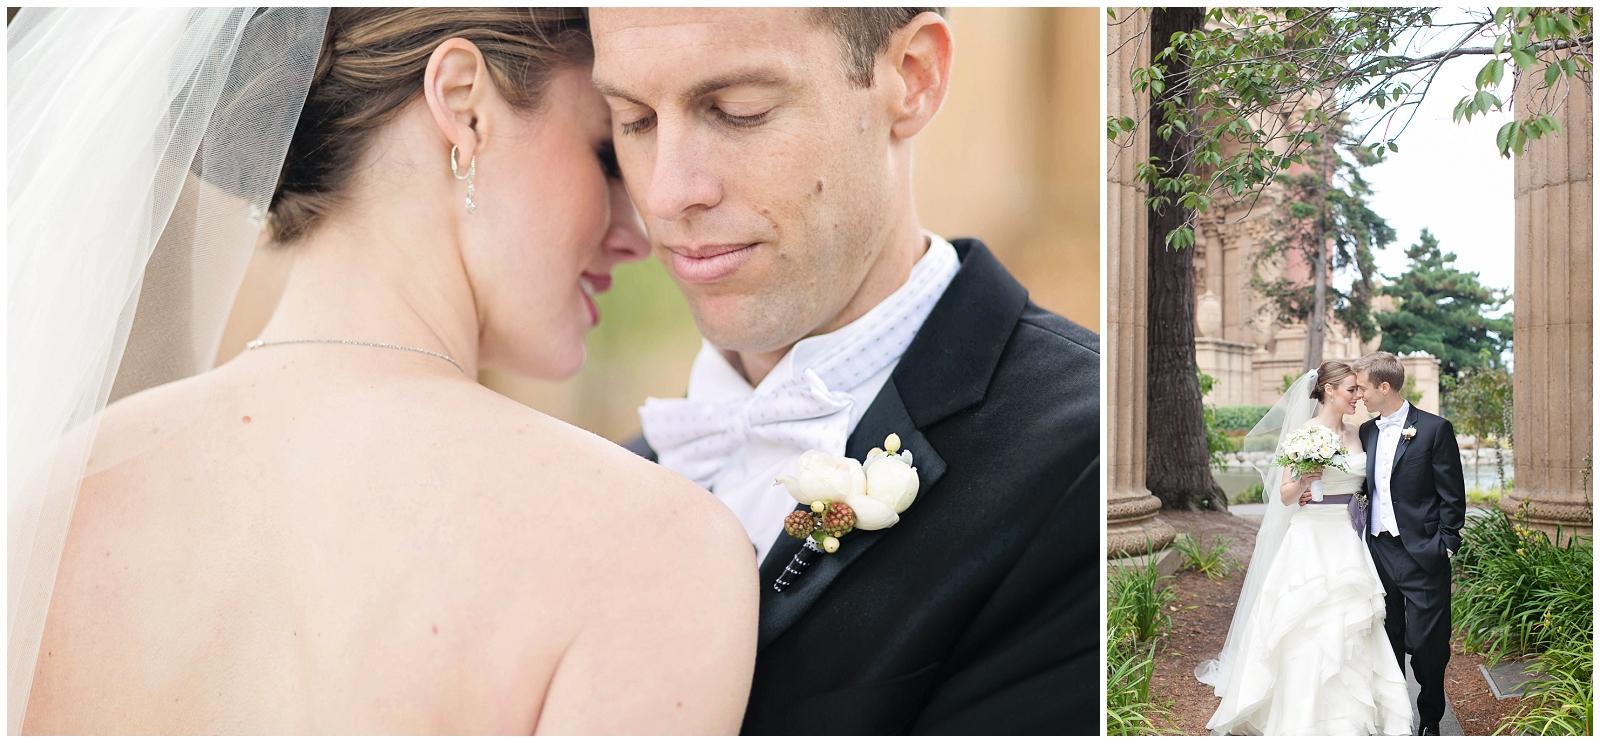 San-Francisco-Bay-Area-Wedding-Photography-Julia-Morgan-Ballroom-3.jpg